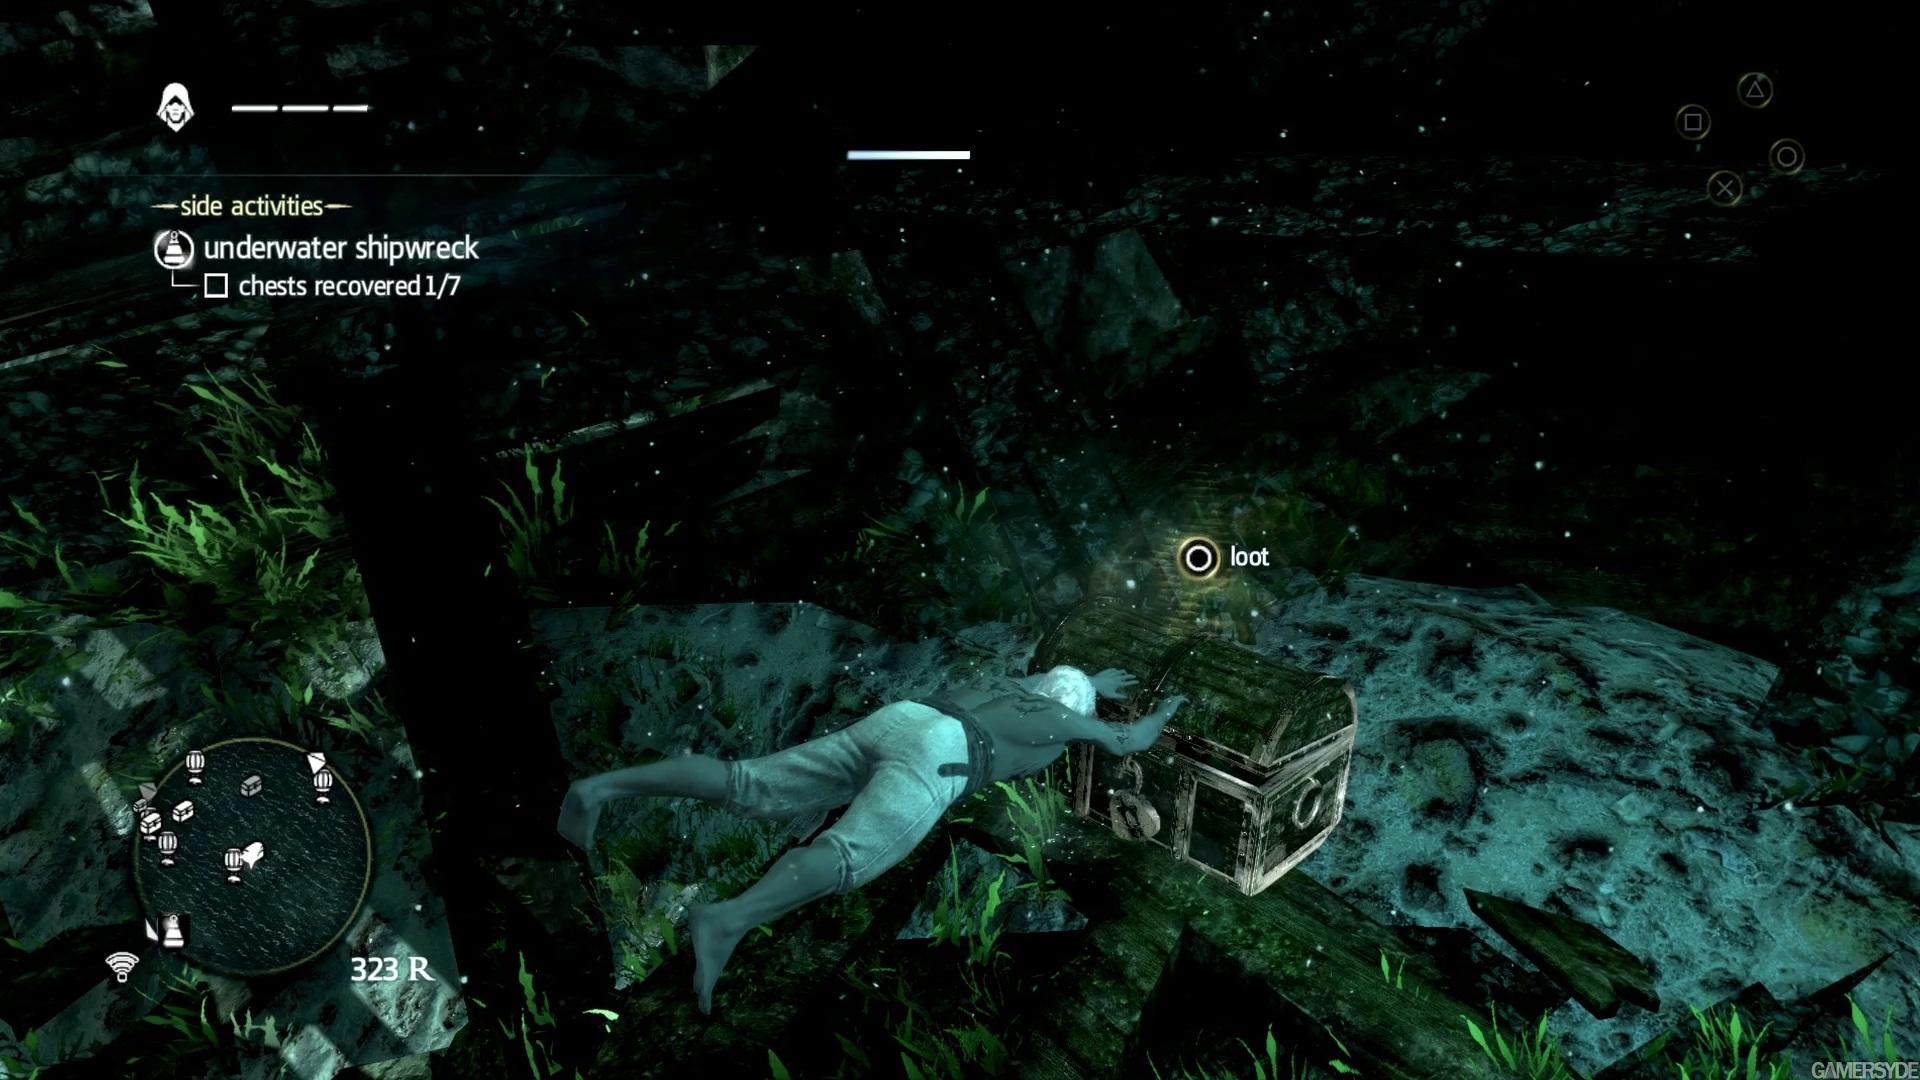 image   23118 1 0010 با تصاویر جدید Assassins Creed IV، شکار کوسه، پیدا کردن گنج ها در زیر آب و بیشتر را ببینید